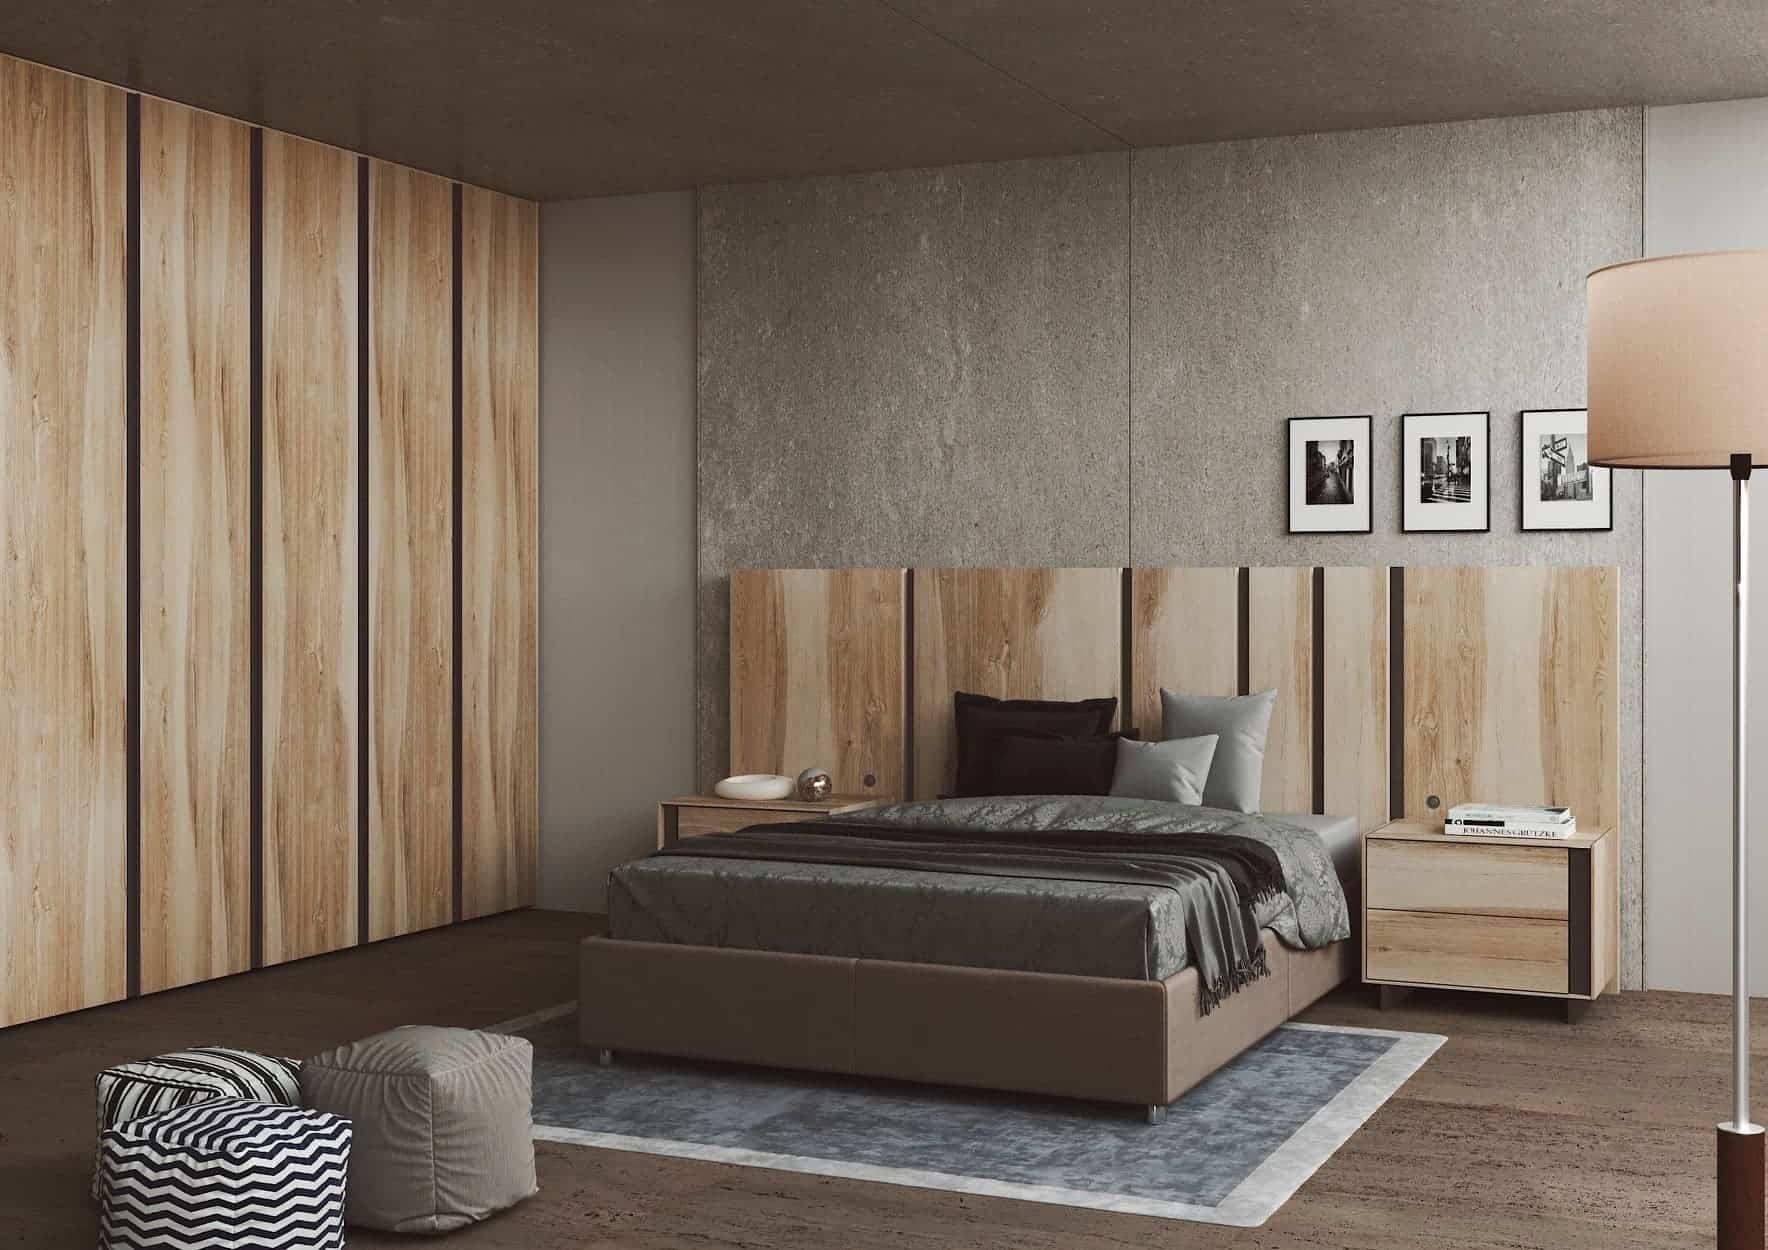 Dormitorio con tiradores antracita